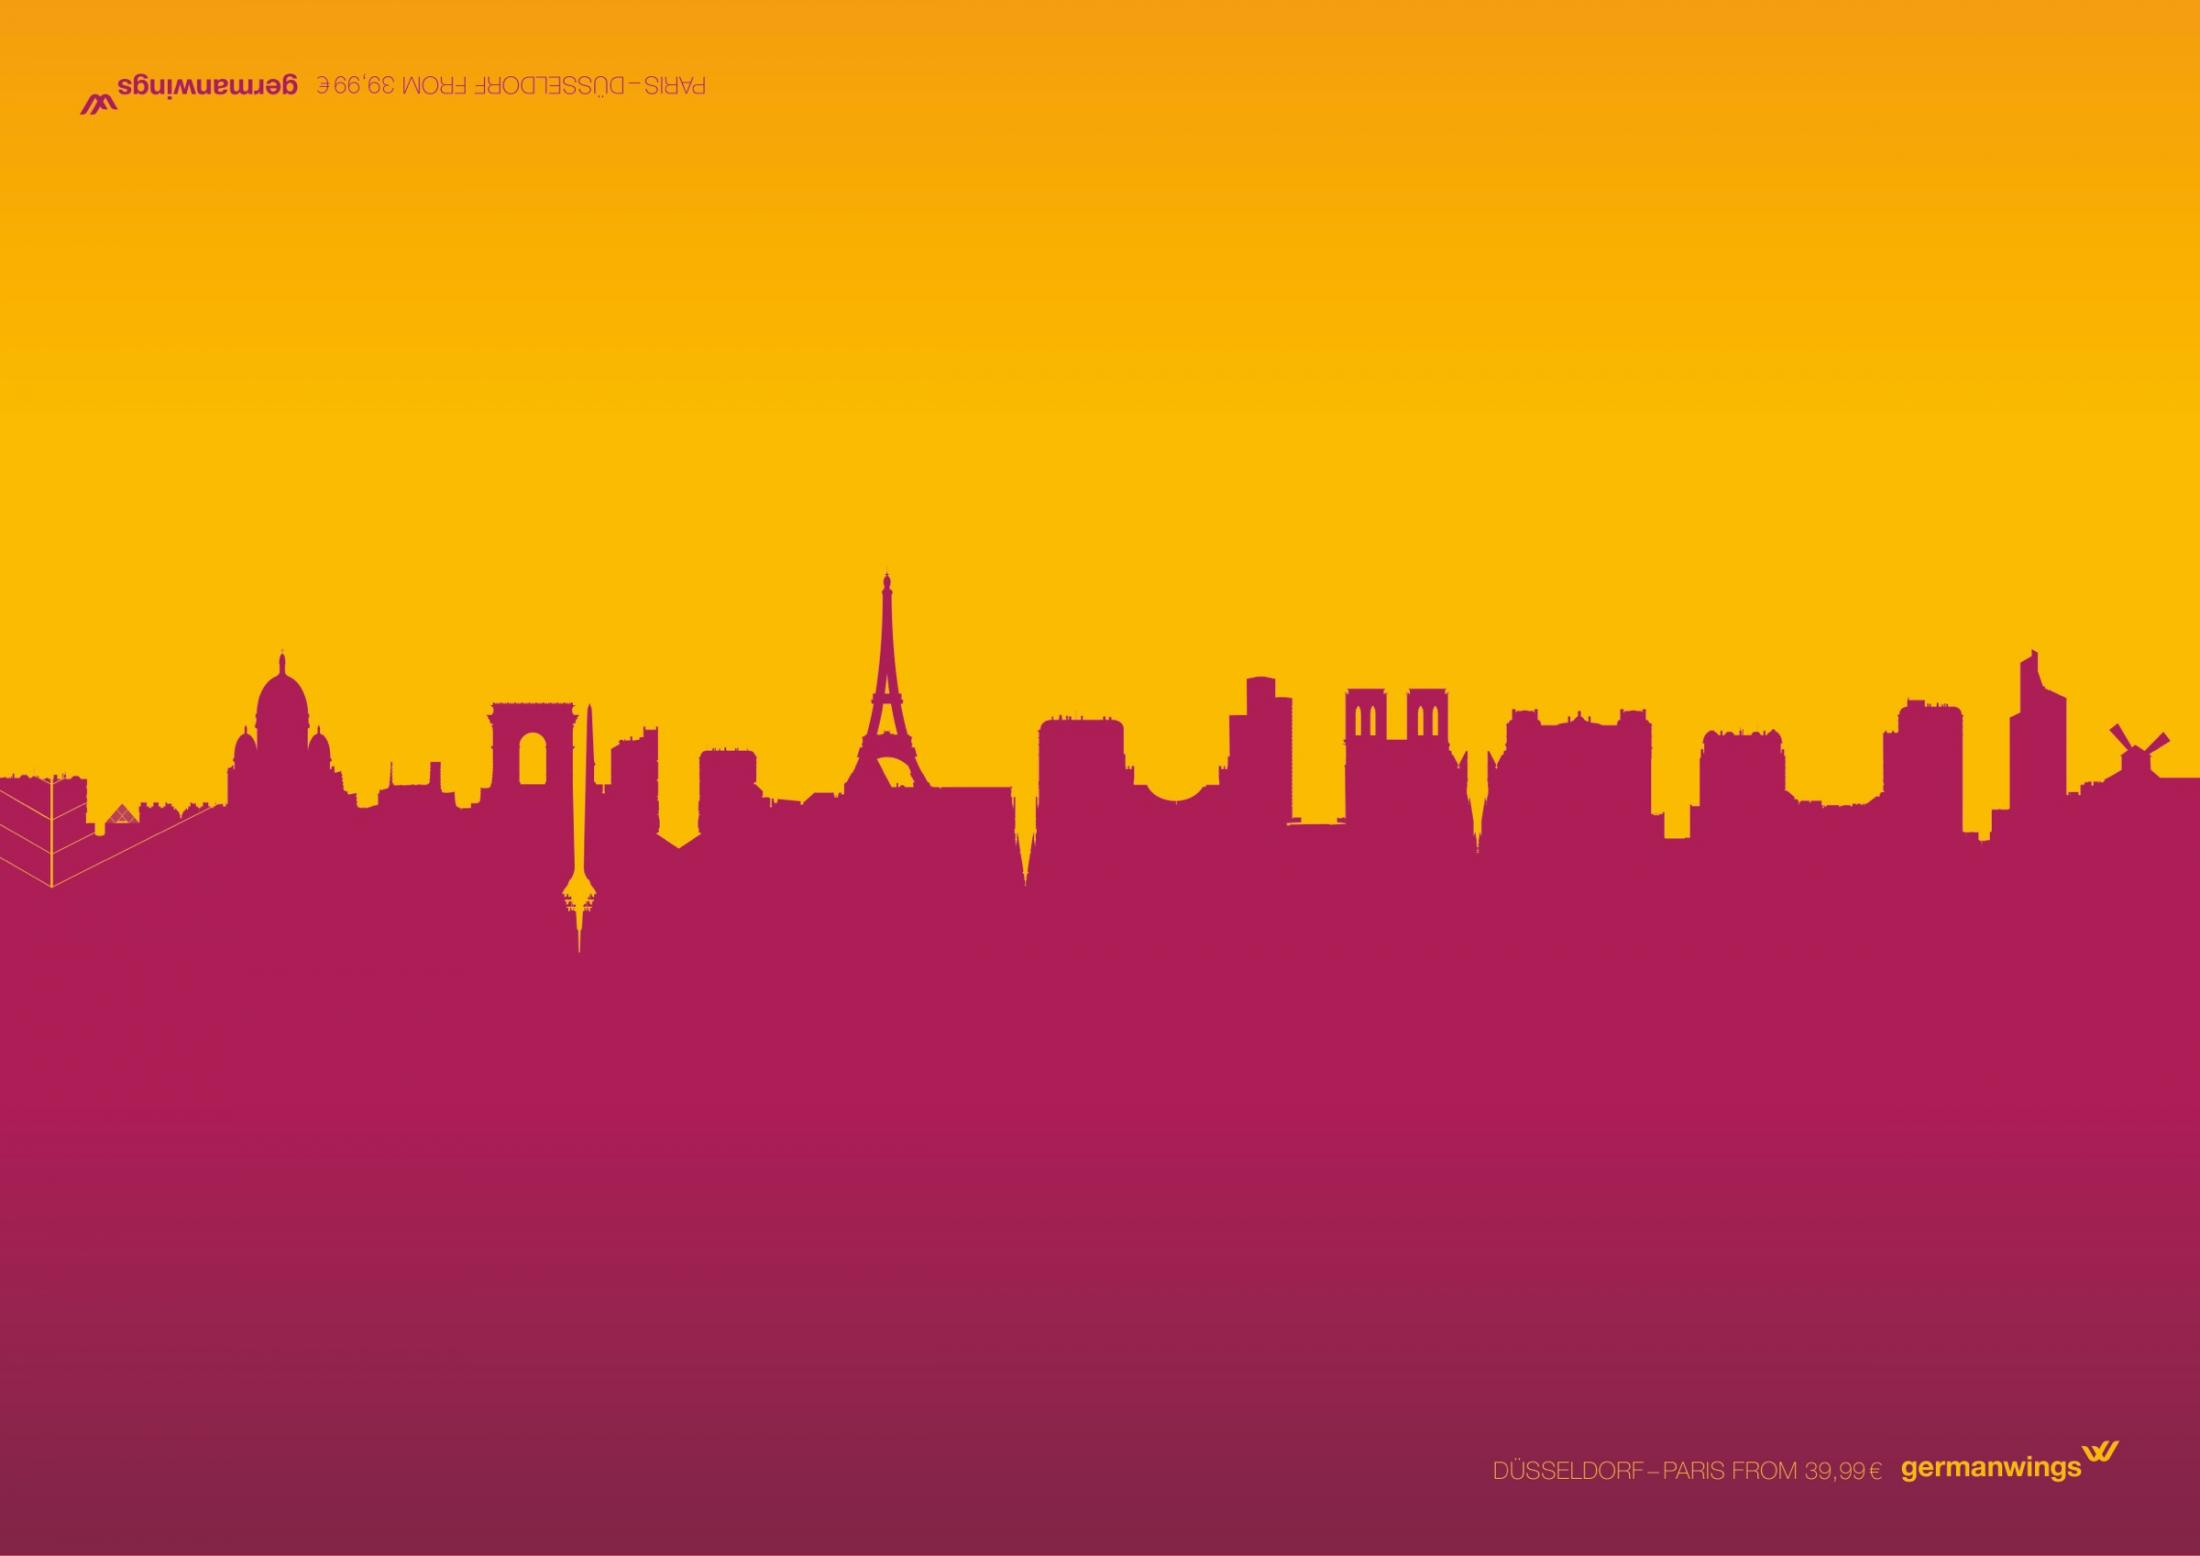 Germanwings Print Ad -  Parisseldorf